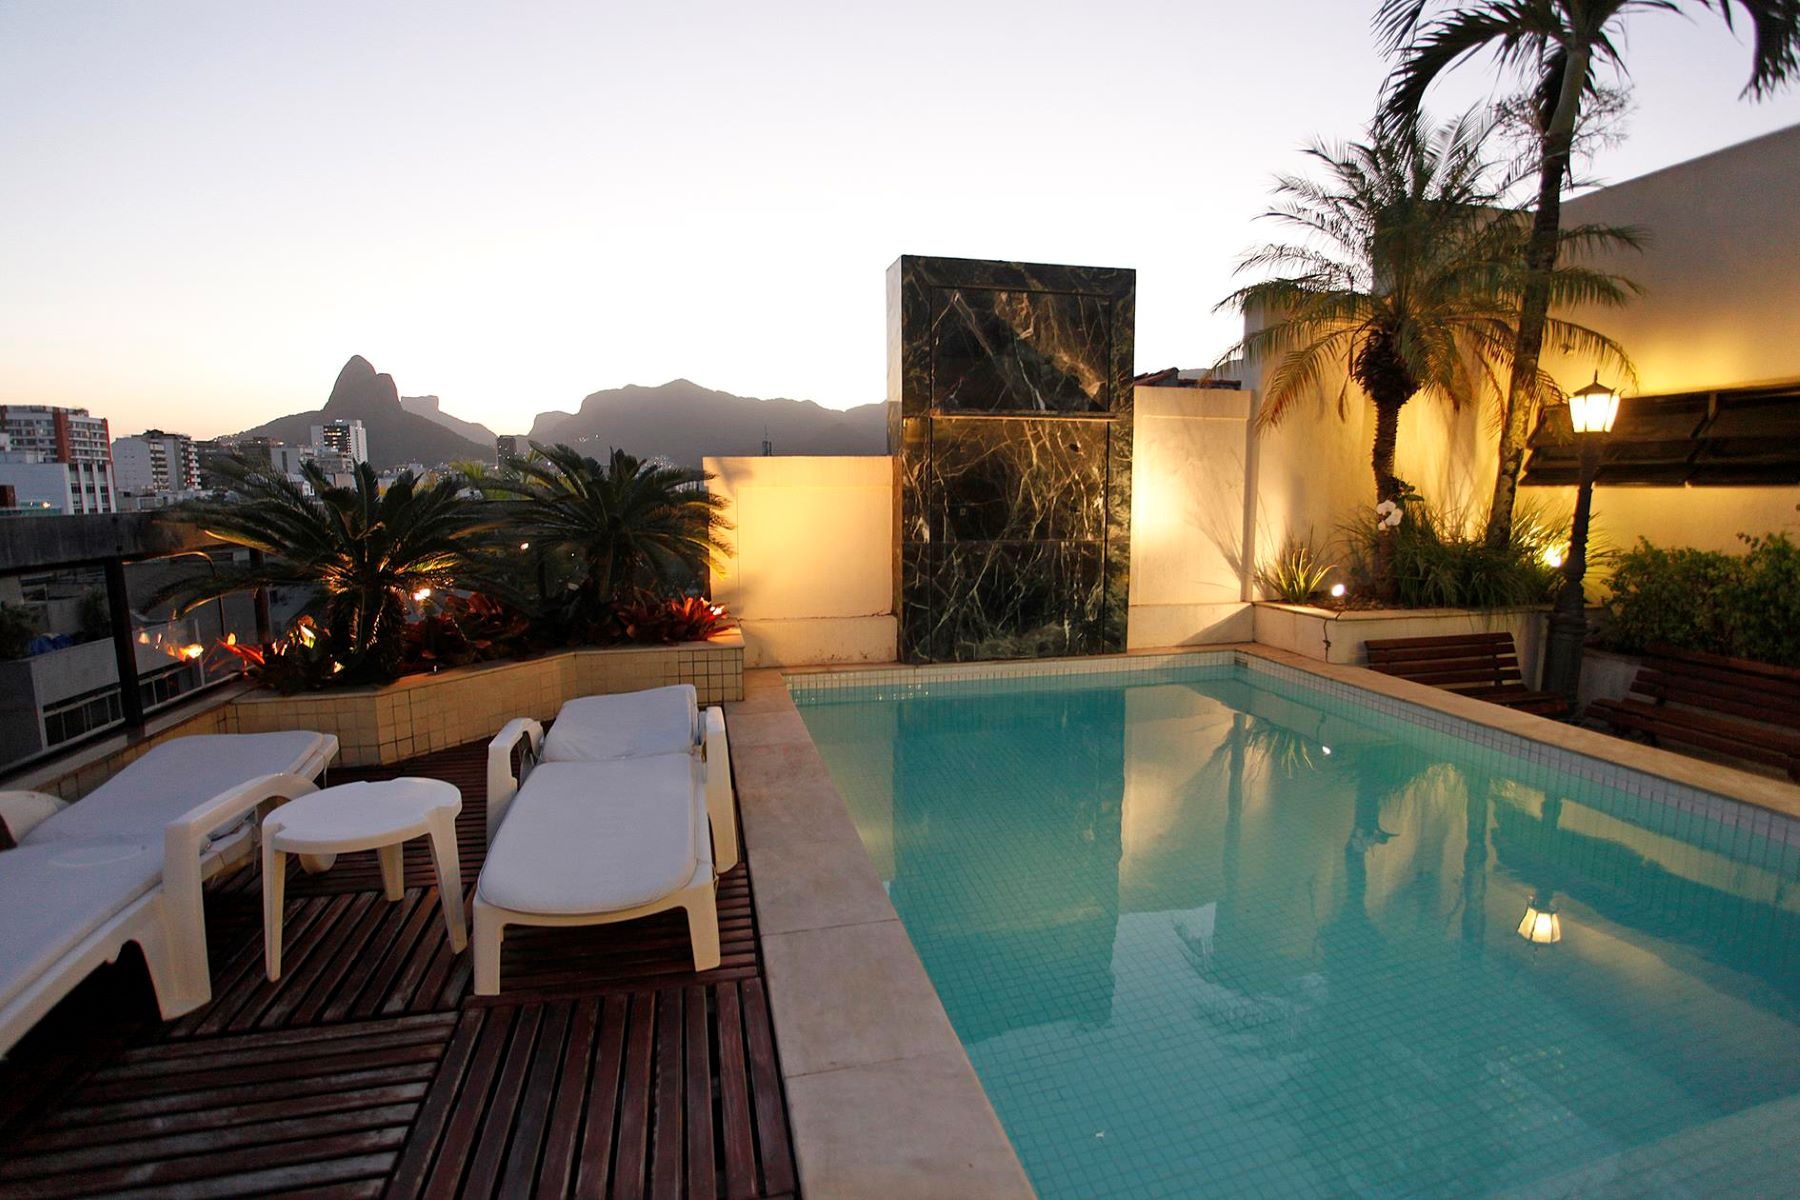 Single Family Home for Sale at Duplex Penthouse in Rio Rio De Janeiro, Rio De Janeiro, 22421-000 Brazil